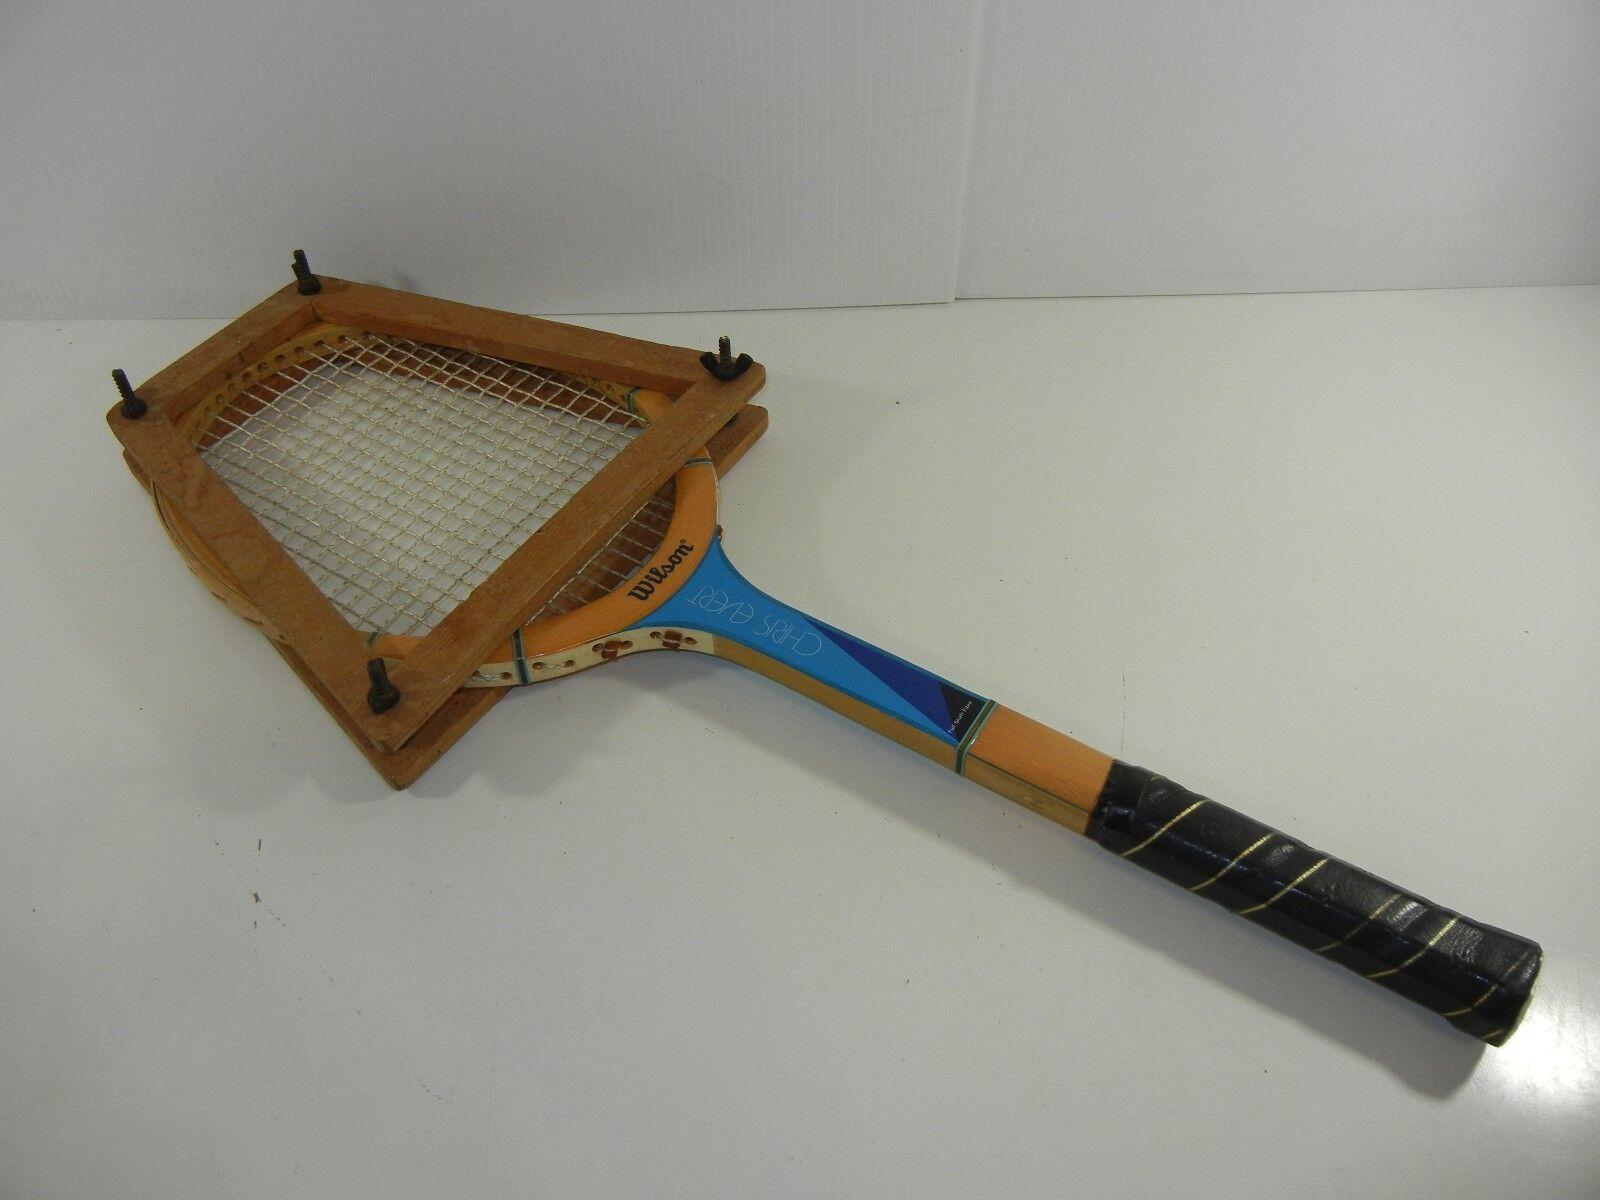 Wilson  Chris Egreen  Vintage Tennis Racquet W  Wooden Frame Press